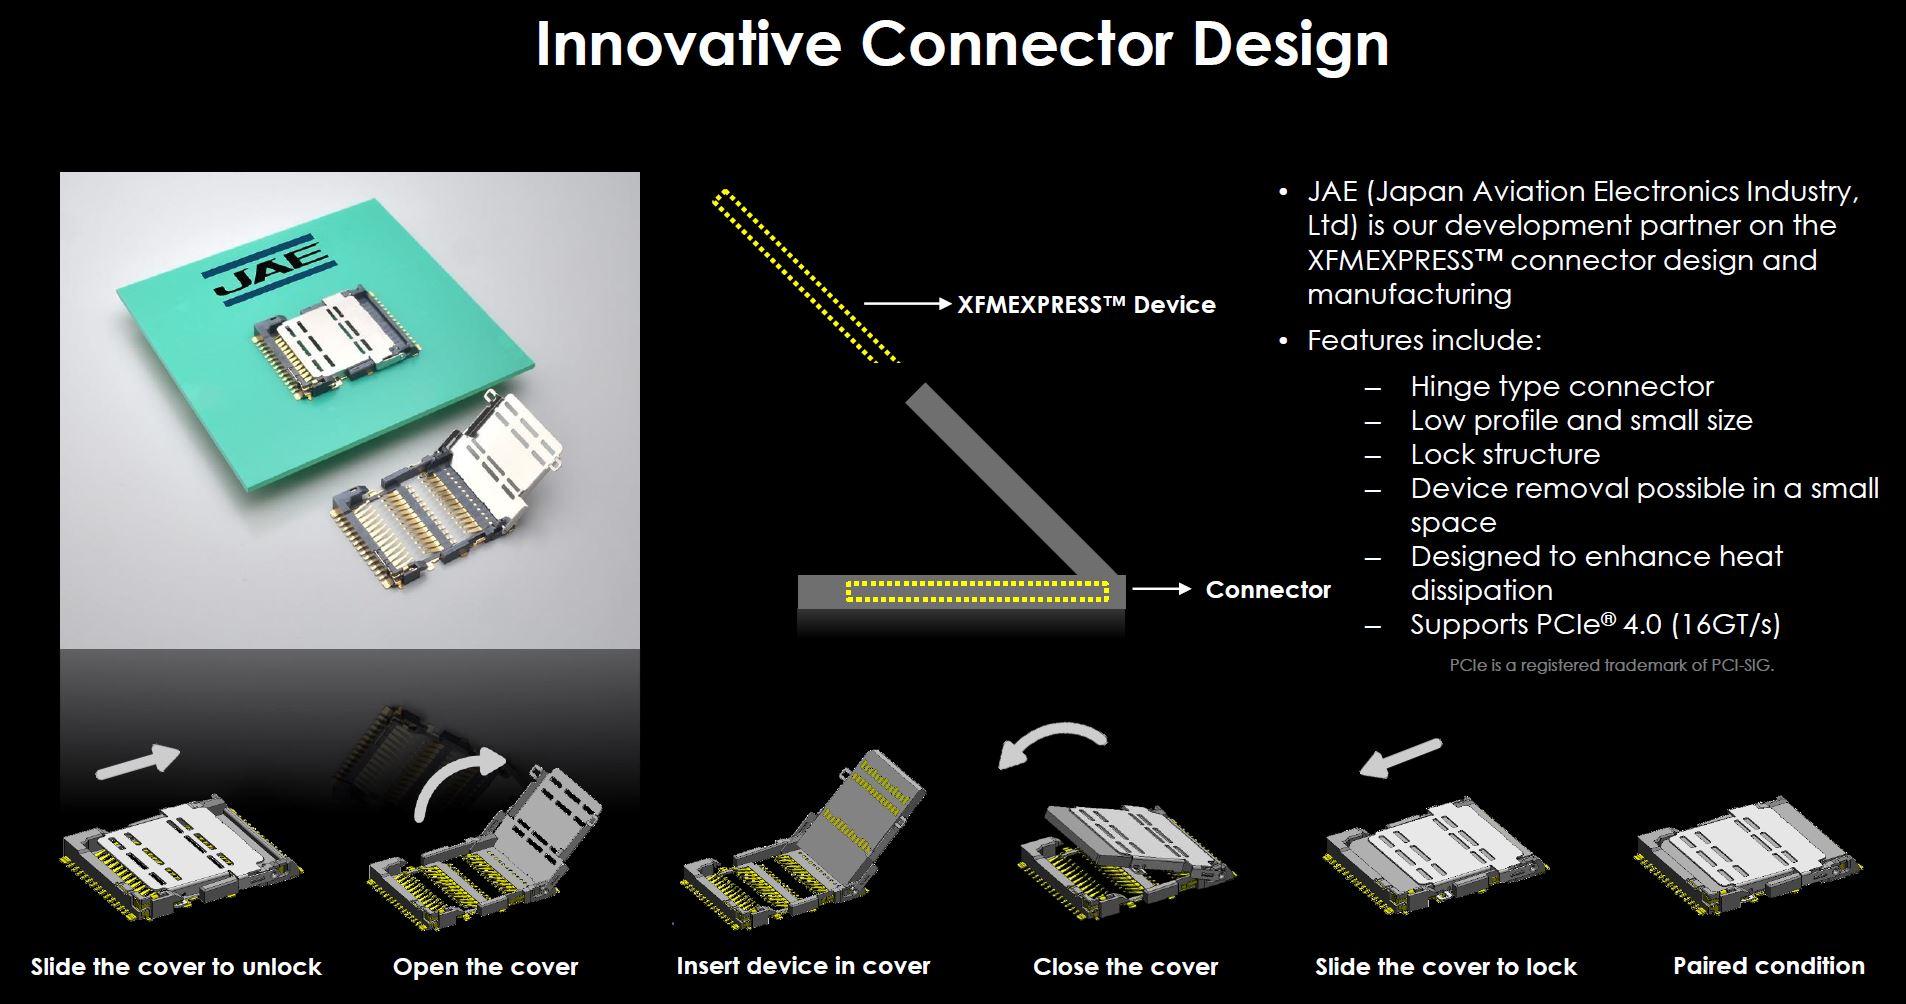 Toshiba XFMEXPRESS Connector